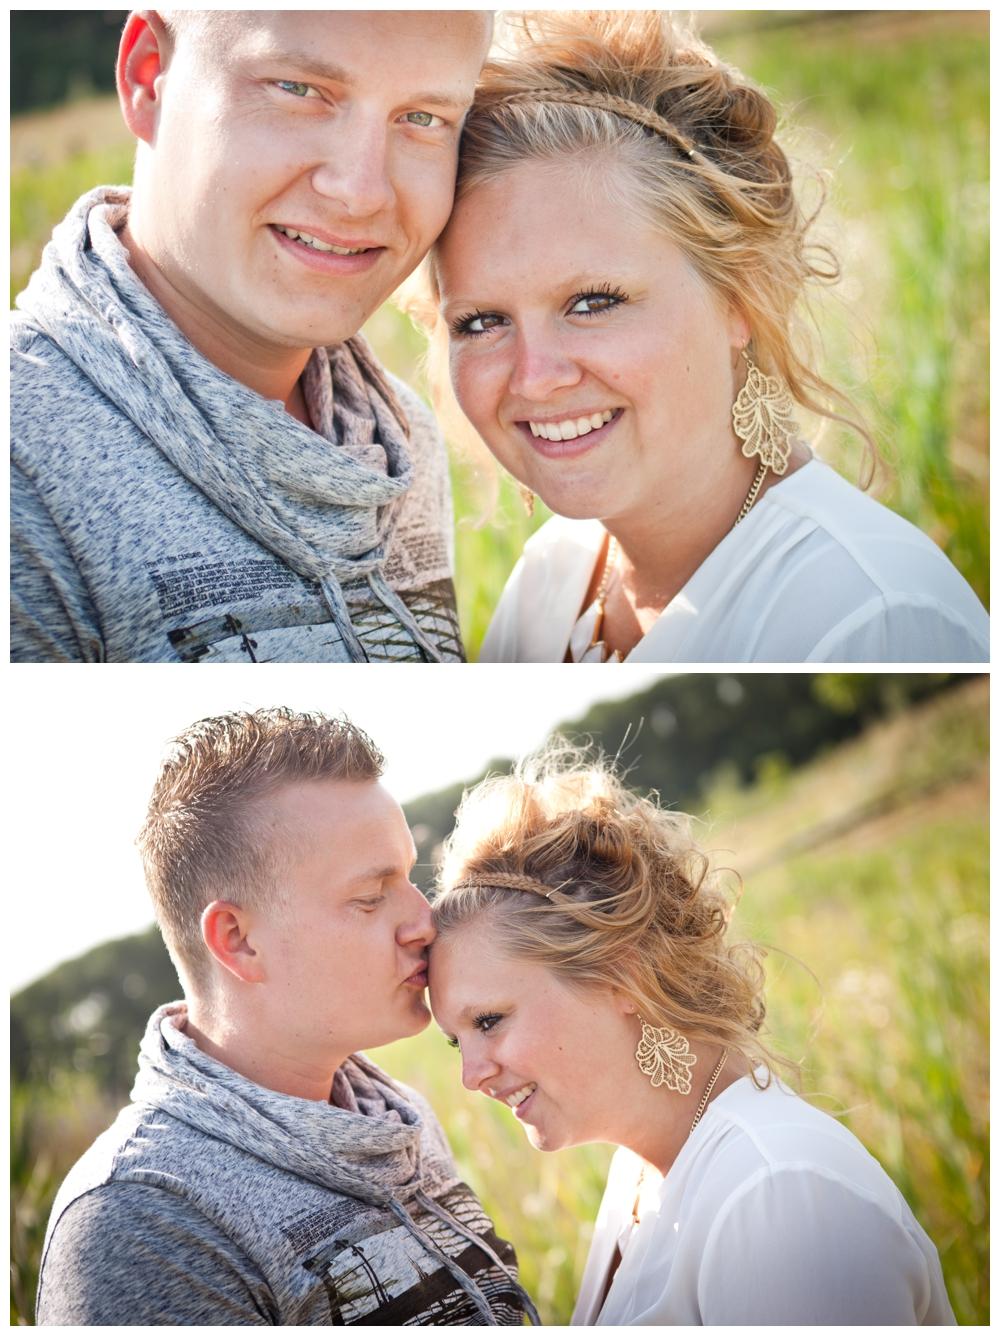 Loveshoot Jaron & Carlien KL13.jpg